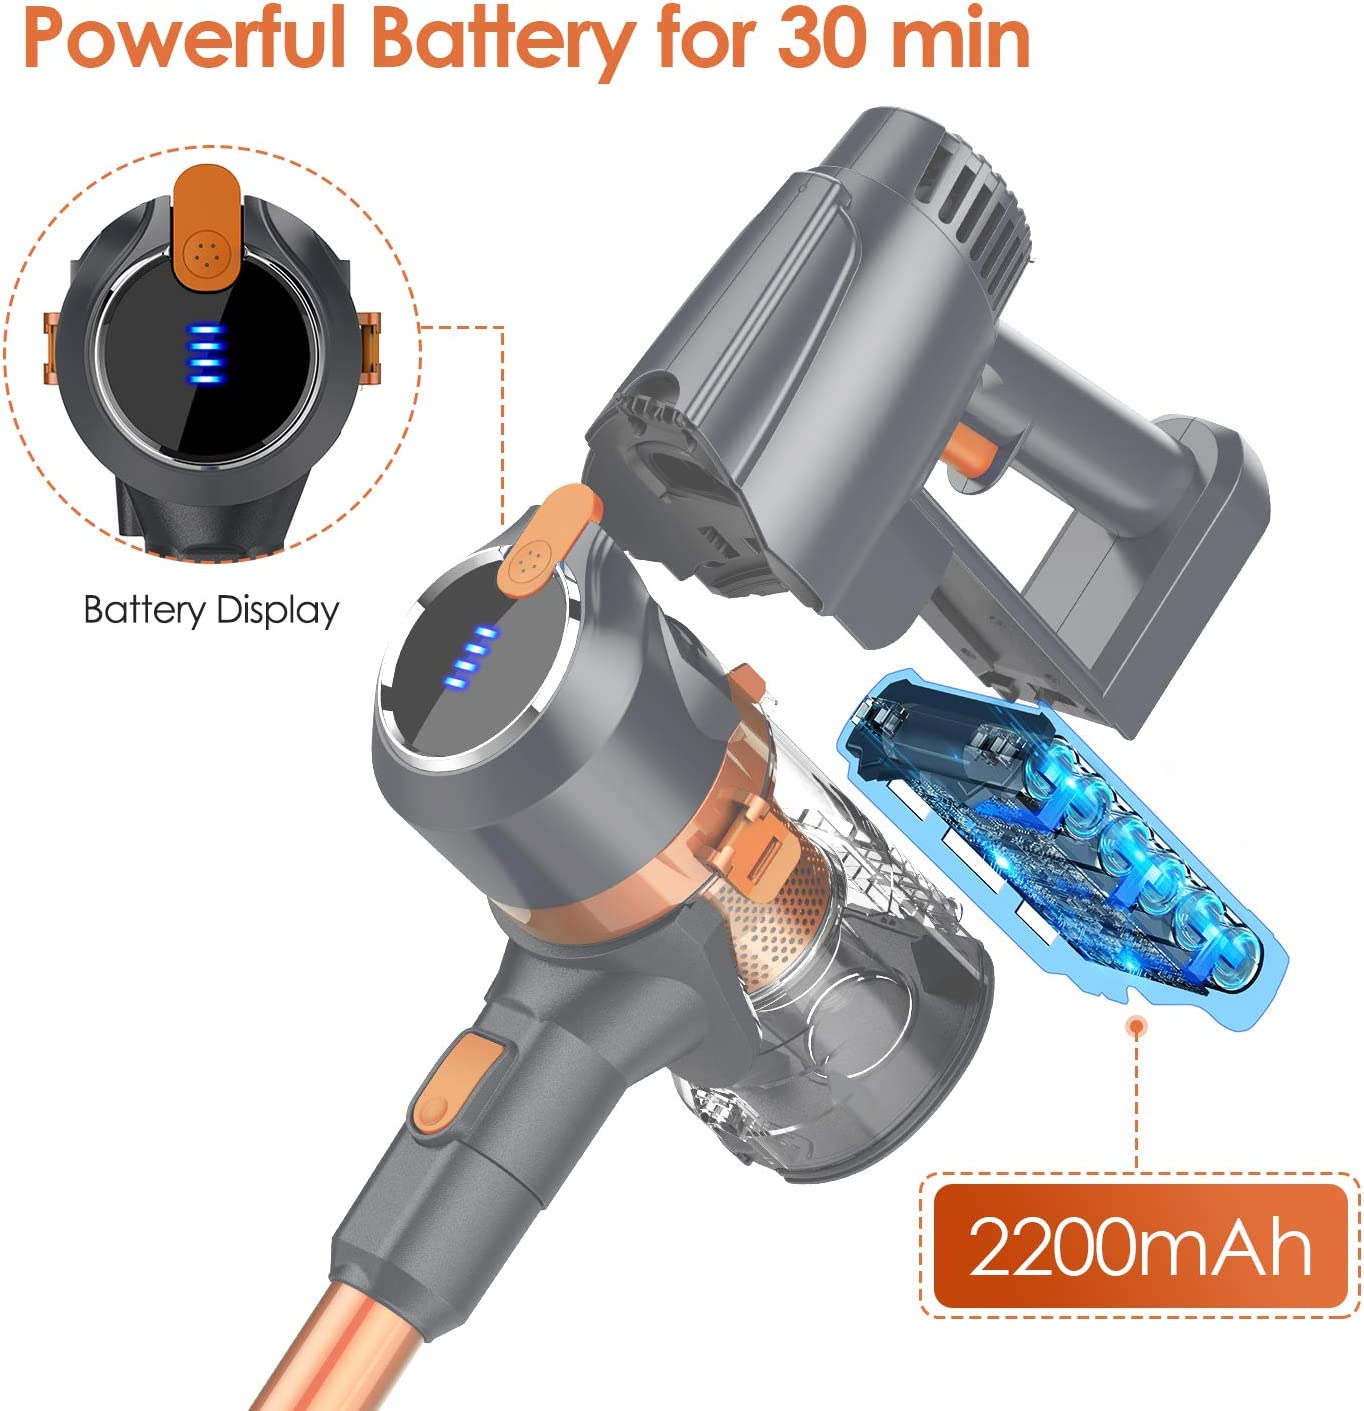 voiture Phare LED poils danimaux pour maison Multifonction Batterie 30 min Aspirateur Balai sans Fil sans Sac 22000 PA puissant 3 Vitesses bureau